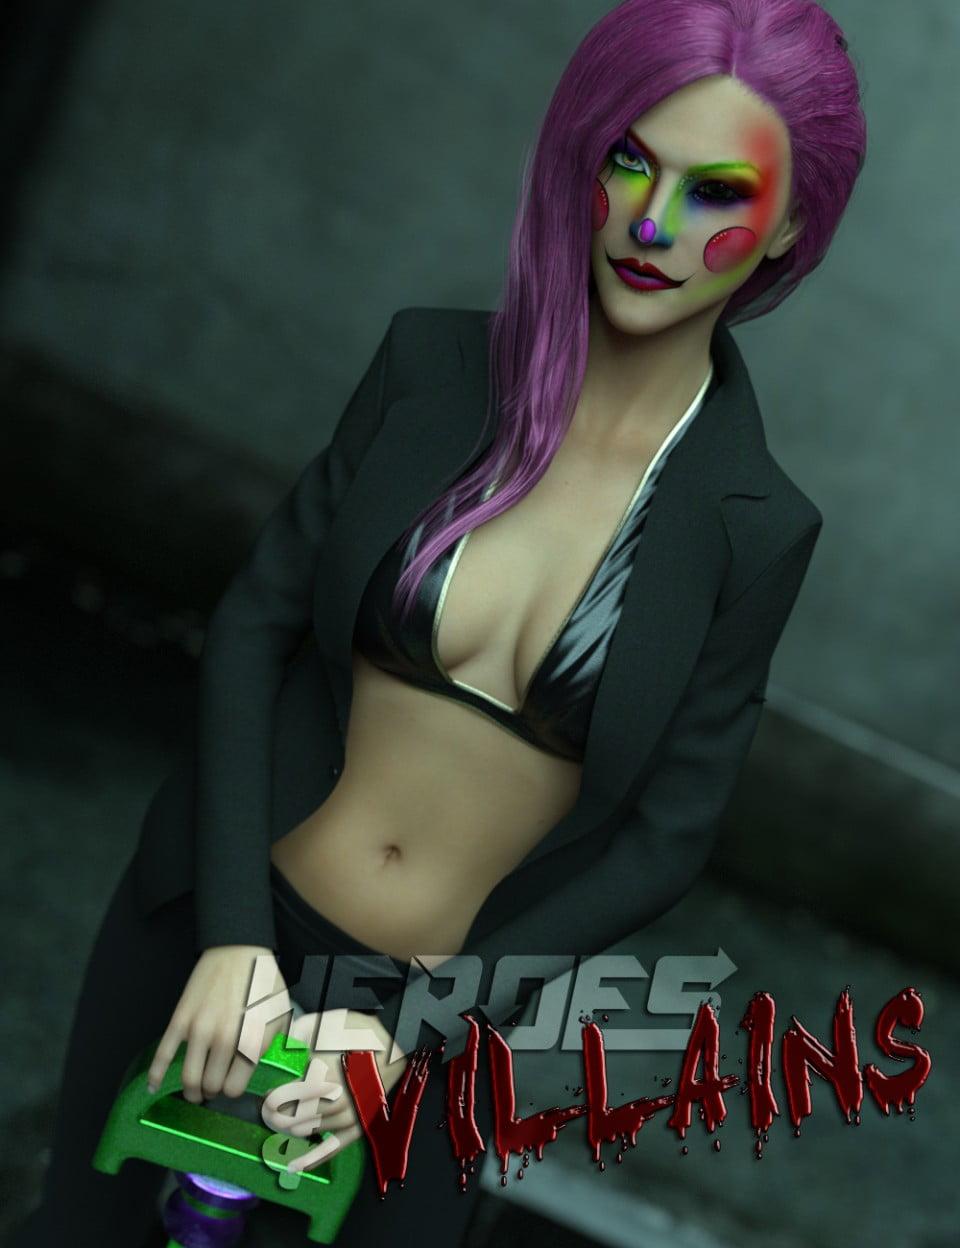 Heroes & Villains: Dee Vious for Genesis 3 Female